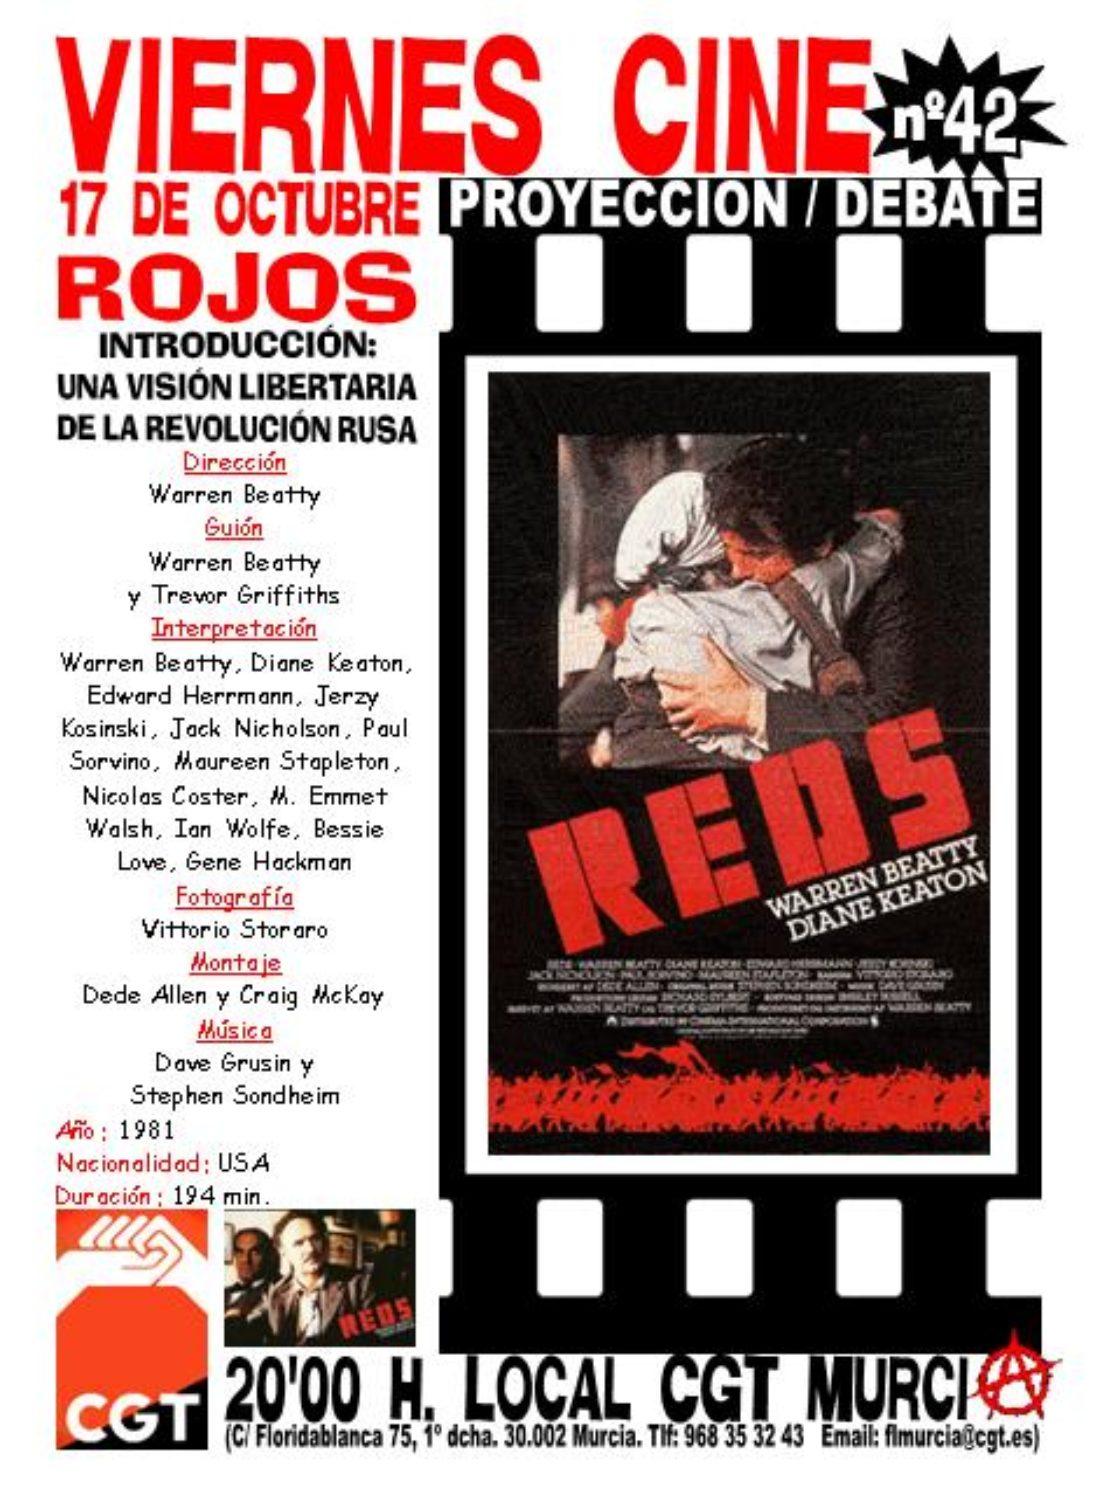 Murcia: VIERNES CINE. El 17 de octubre ROJOS de Warren Beatty con la introducción LOS ANARQUISTAS EN LA REVOLUCION RUSA